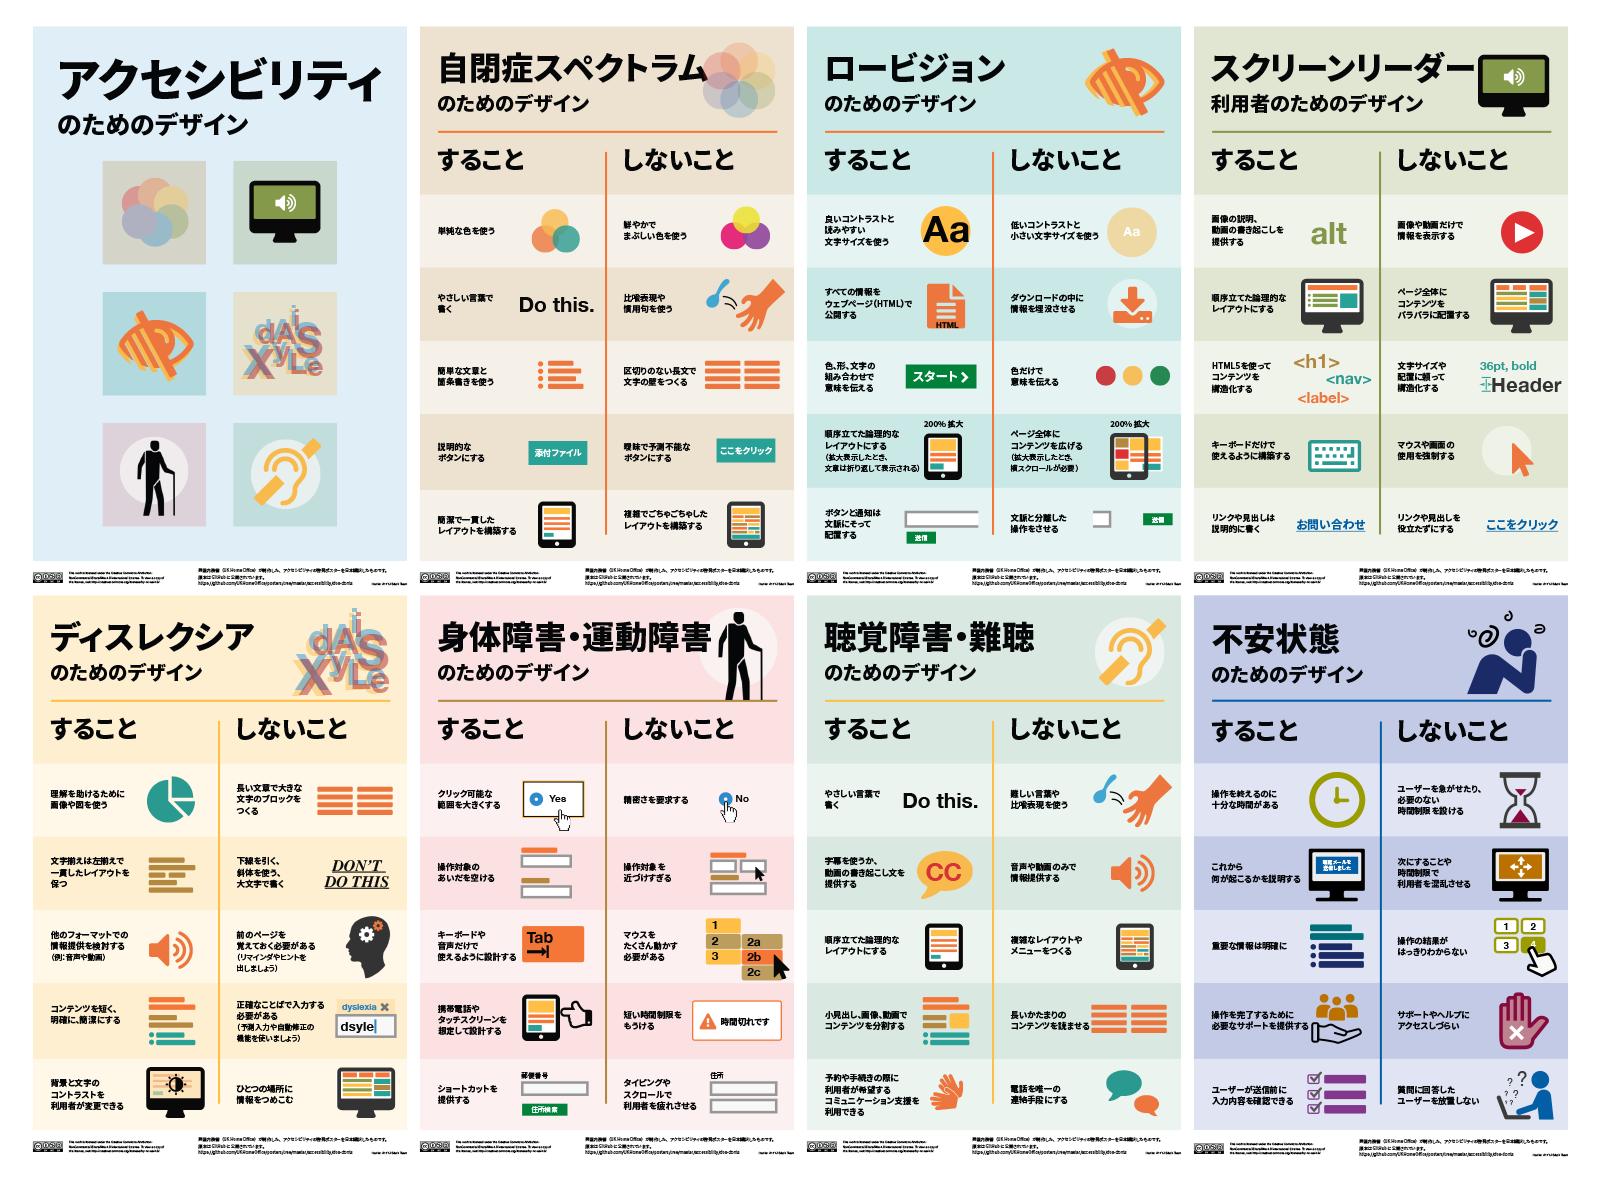 「アクセシビリティのためのデザイン」 (英国内務省) 日本語版